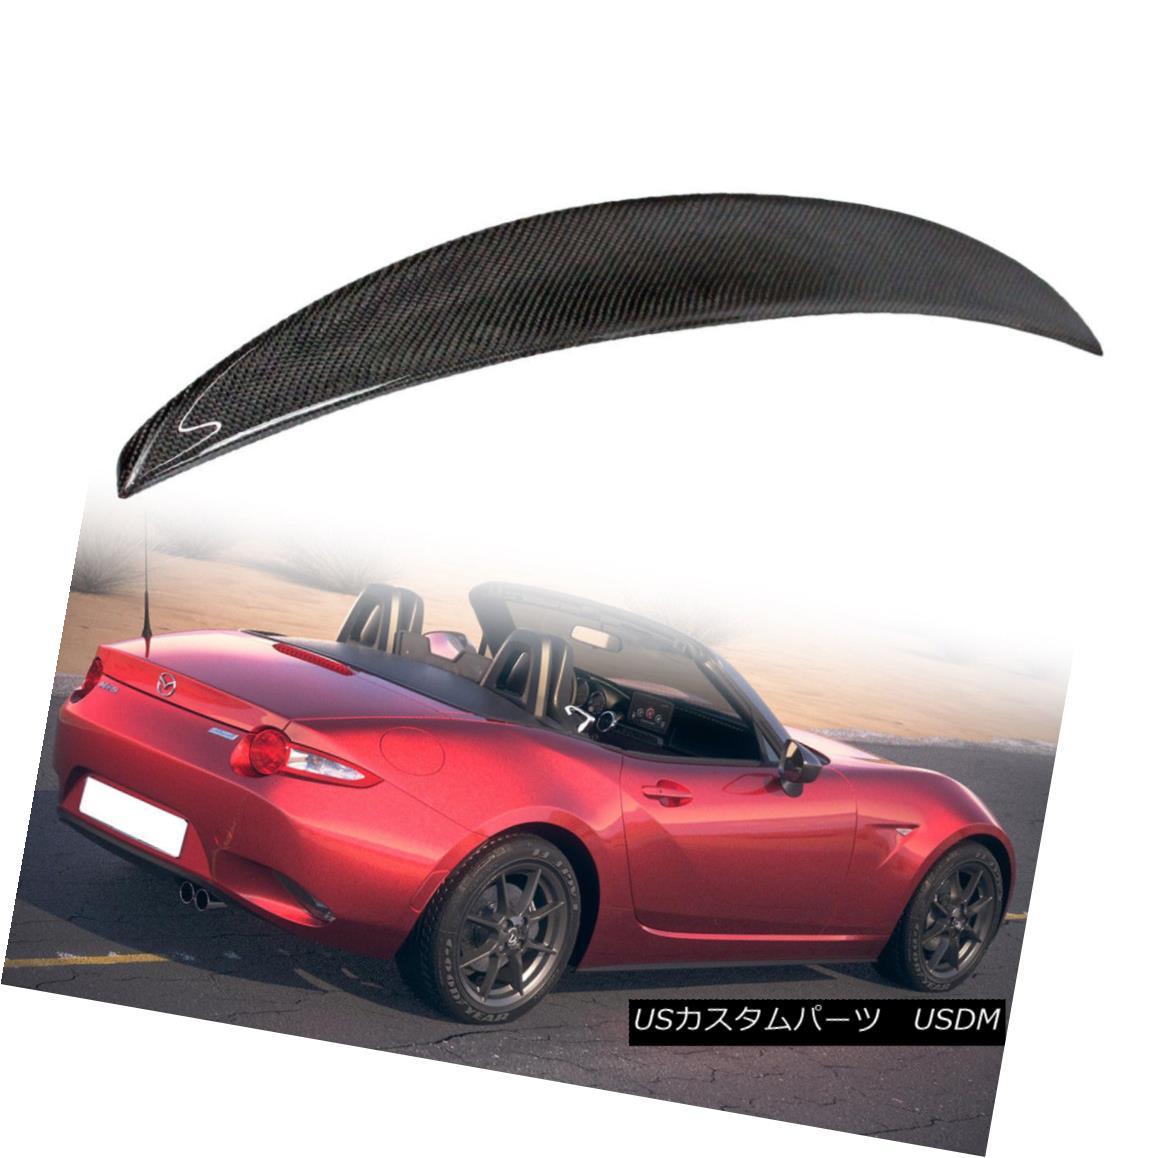 エアロパーツ Carbon Fiber For Mazda Miata MX5 Convertible Performance Rear Trunk Spoiler 2018 マツダMiata MX5コンバーチブルパフォーマンスリアトランク・スポイラー2018用炭素繊維